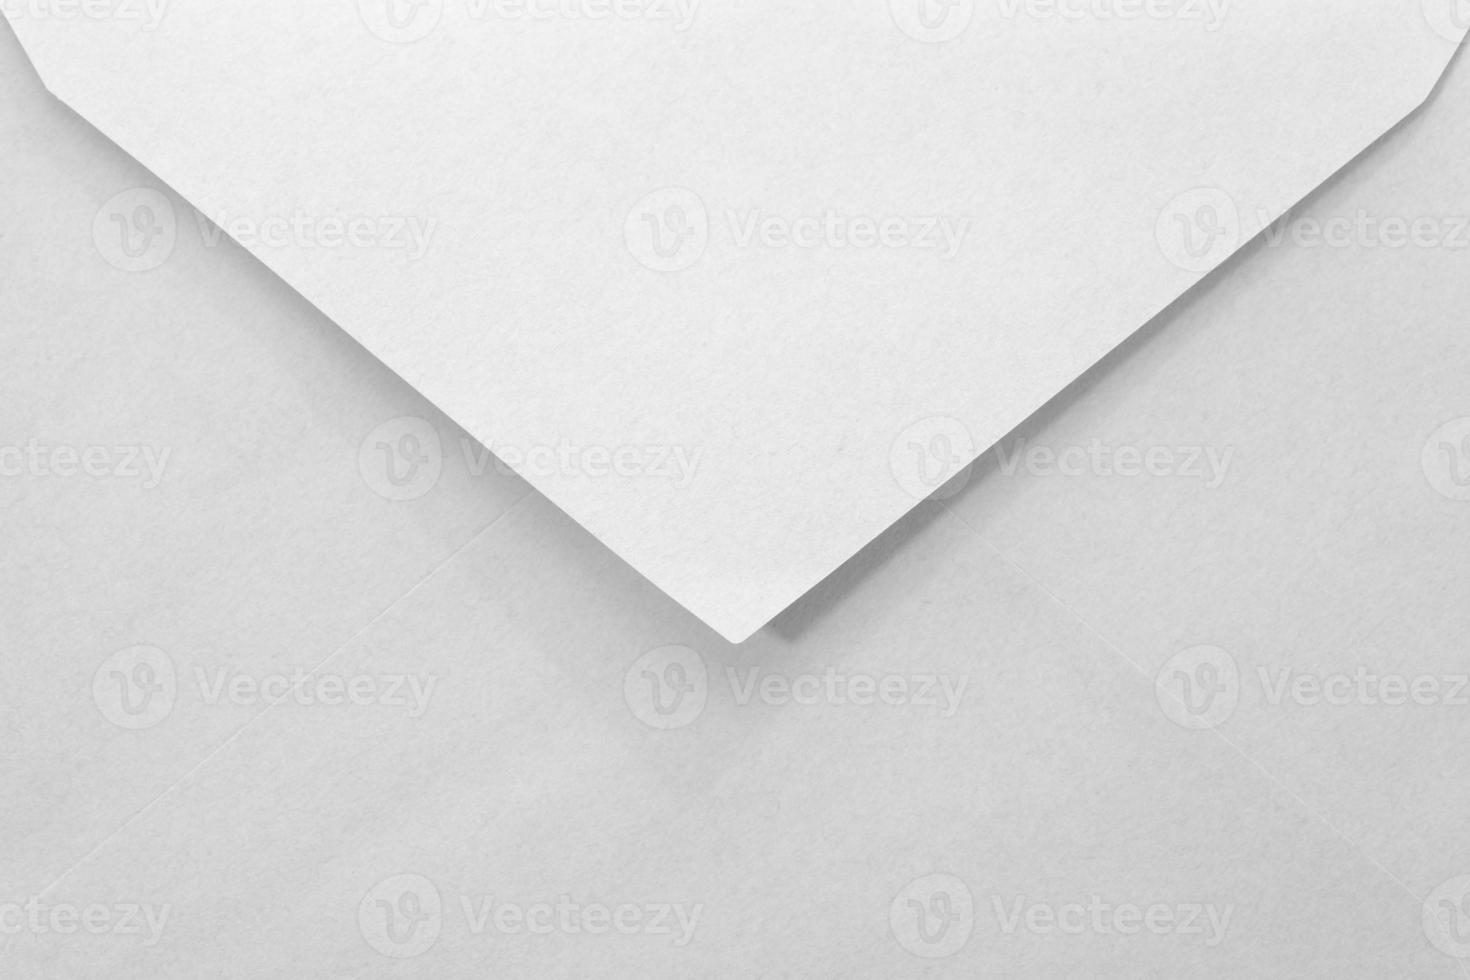 Nahaufnahme leerer weißer Papierumschlag foto